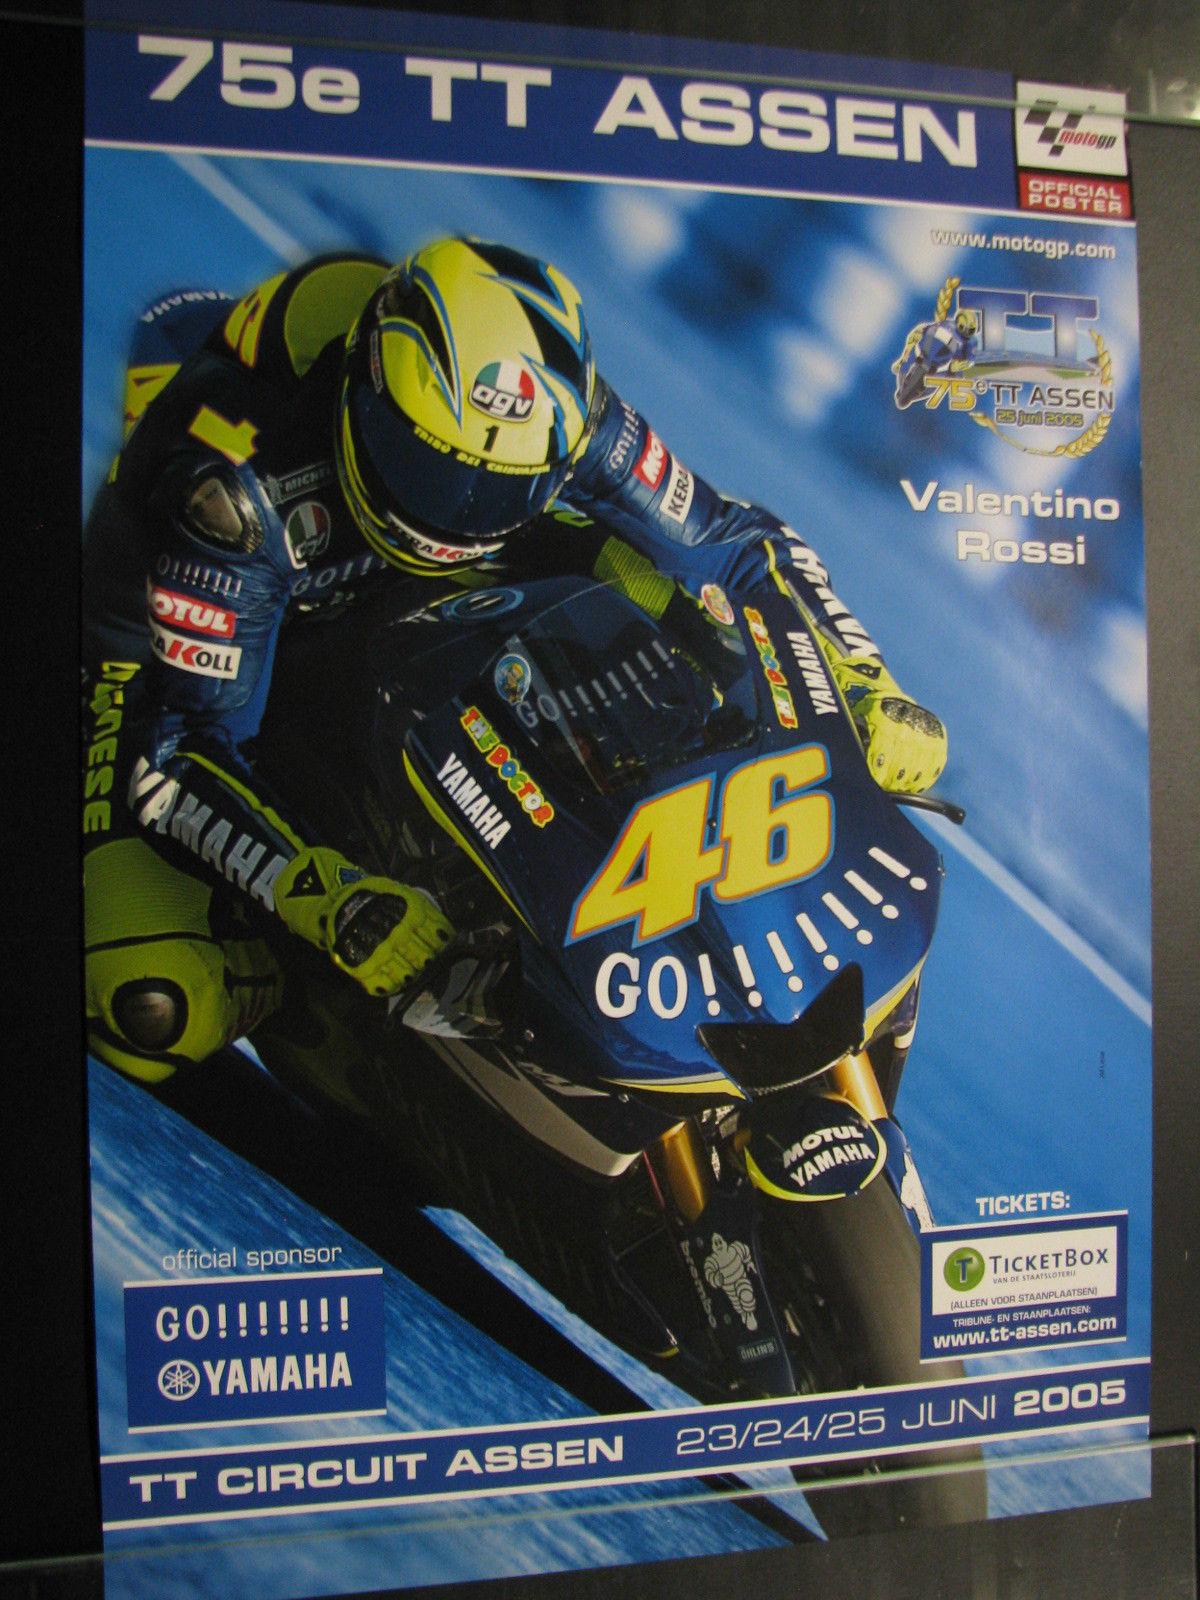 2005 Assen Poster